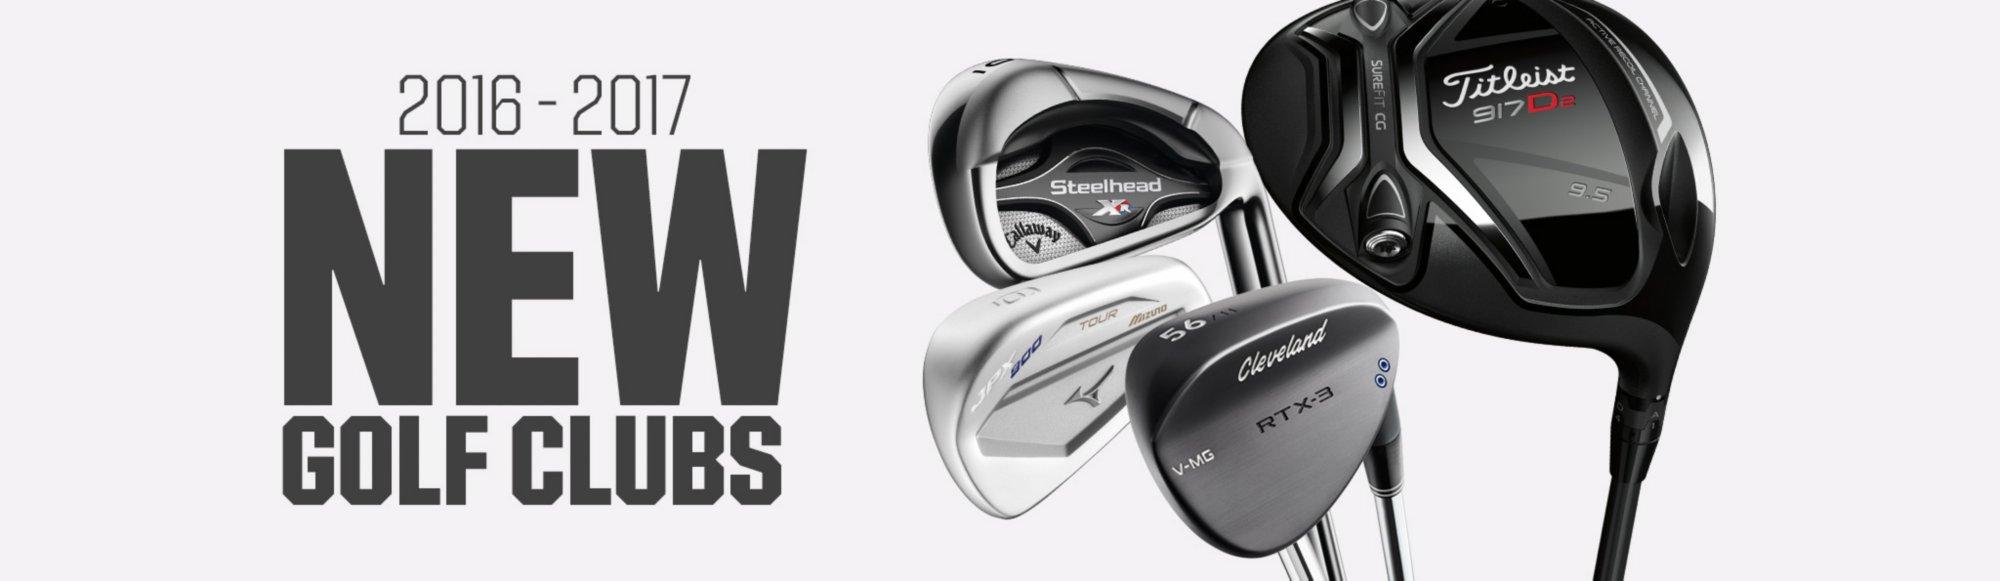 Shop New Golf Clubs